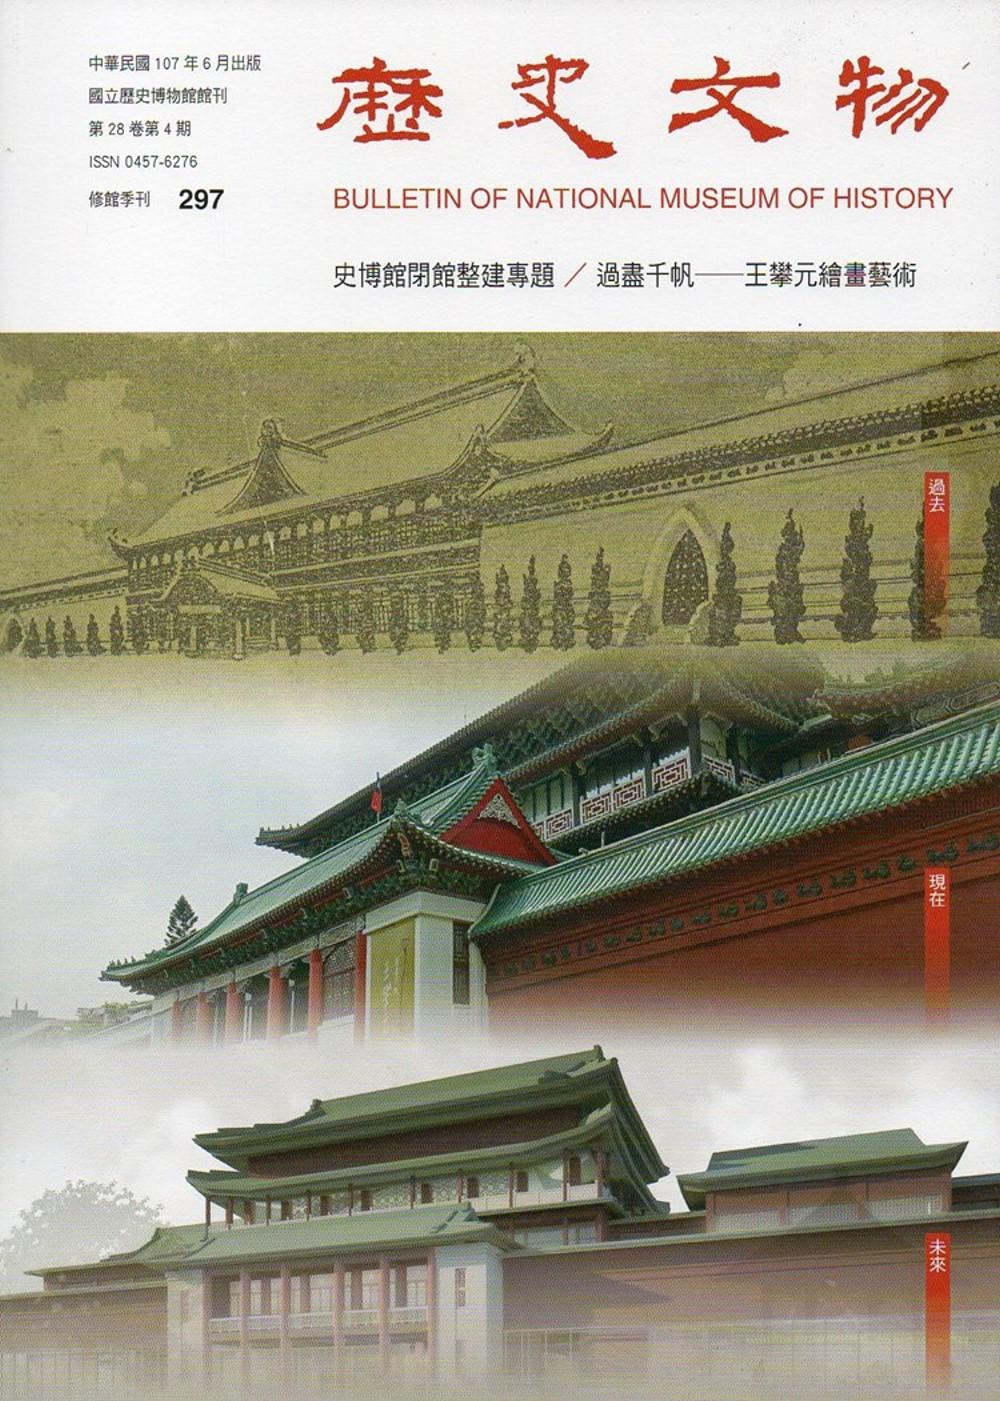 歷史文物季刊第28卷4期(107/06)